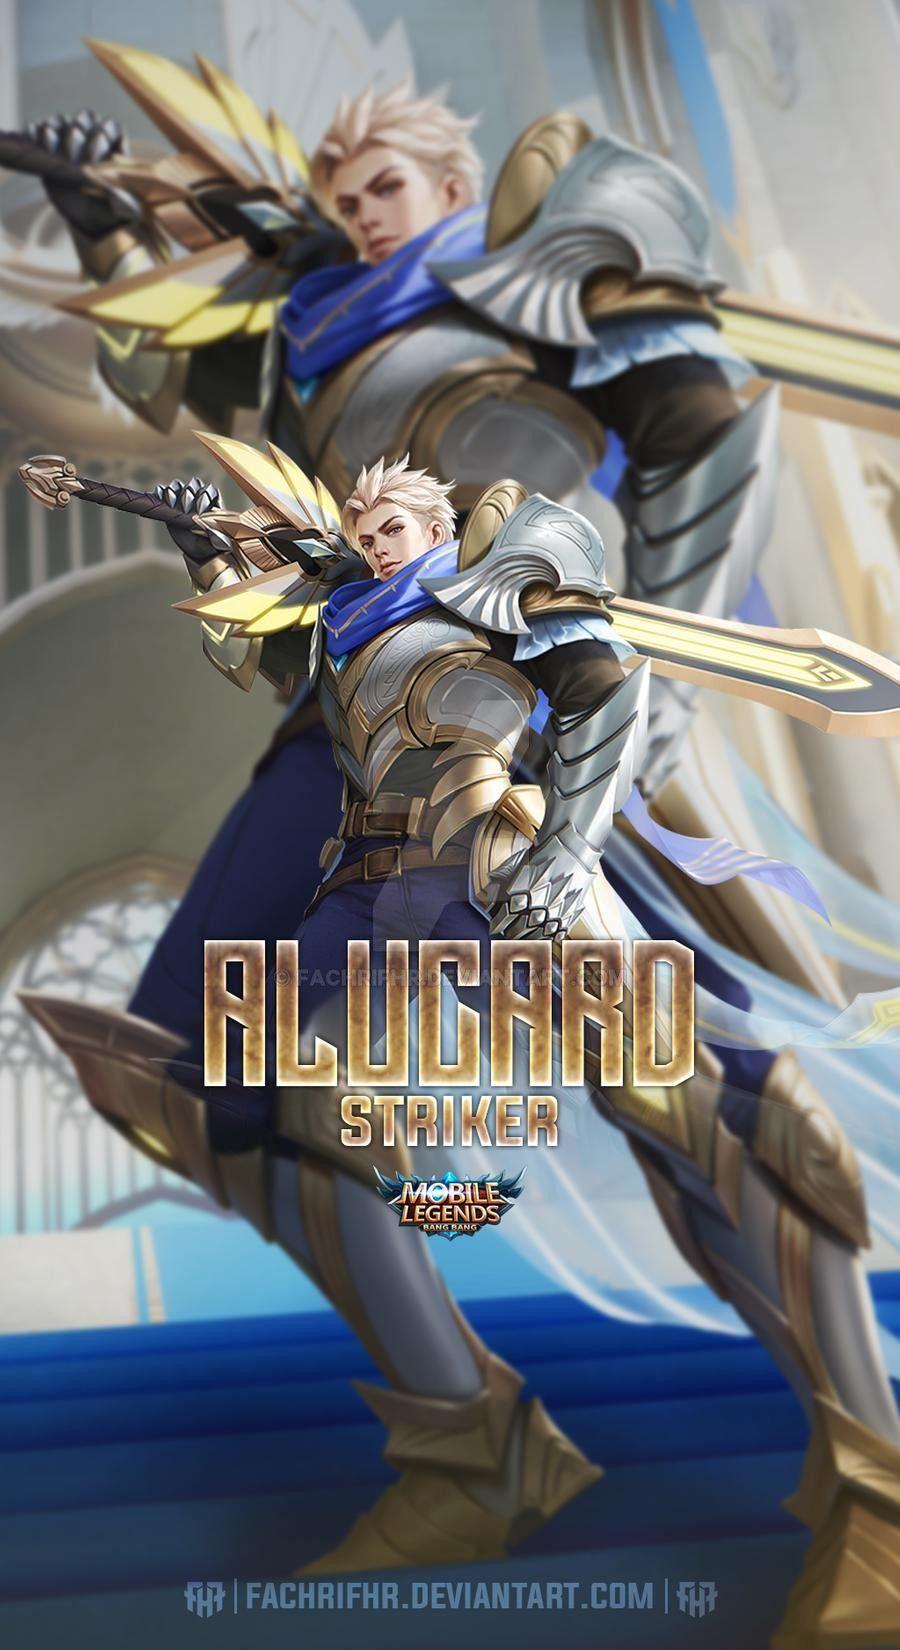 Alucard Lightborn Striker By Fachrifhr On Deviantart Gambar Karakter Desain Karakter Game Animasi